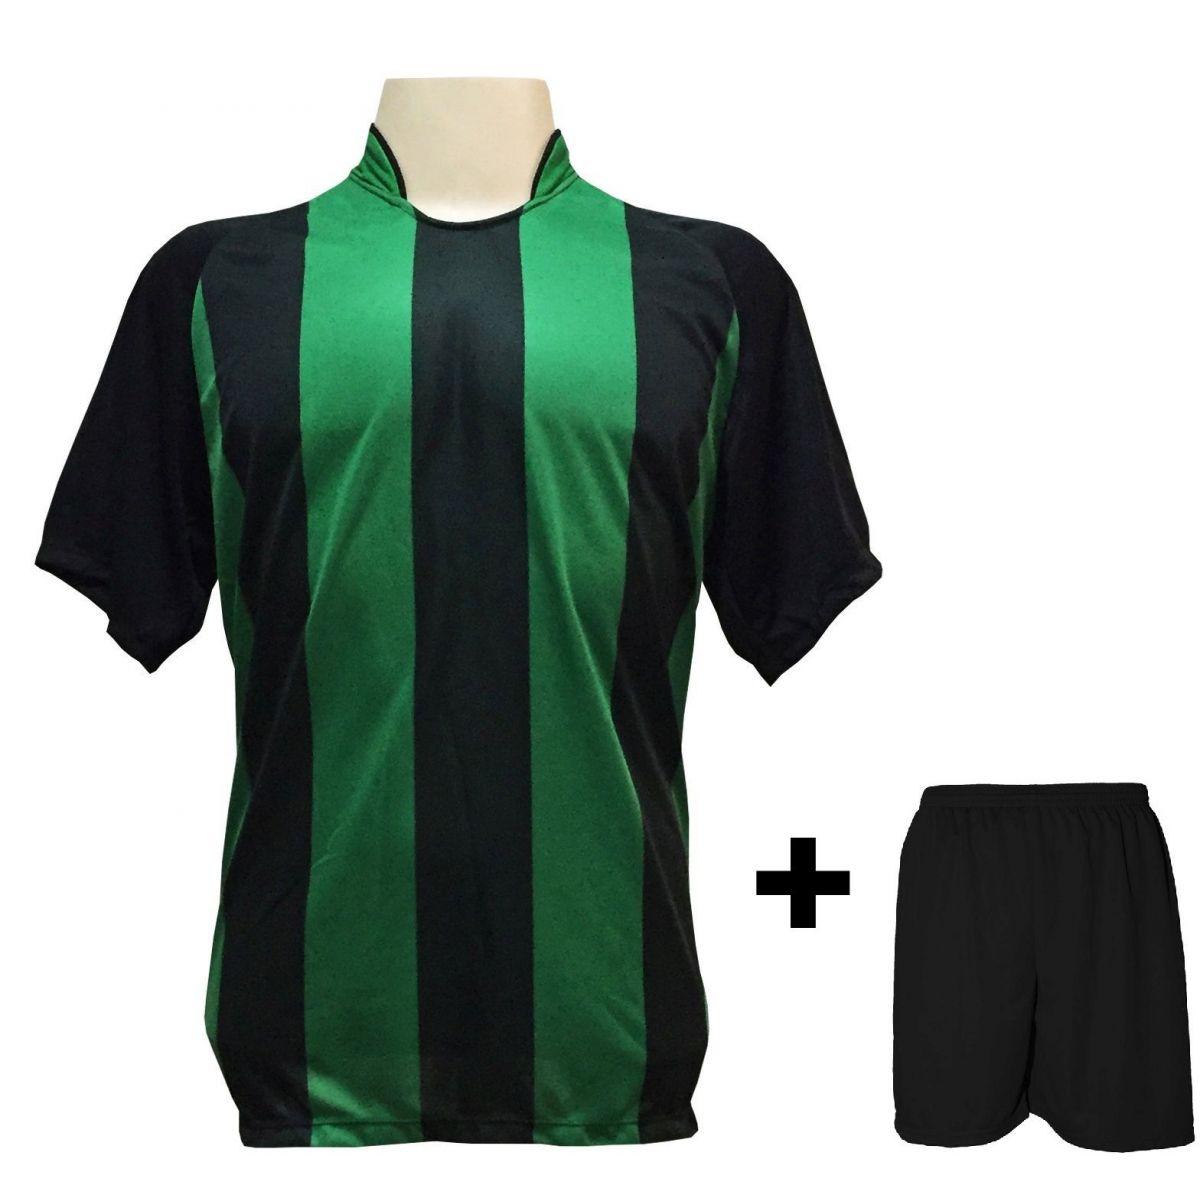 Uniforme Esportivo com 18 camisas modelo Milan Preto/Verde + 18 calções modelo Madrid Preto + 1 Goleiro